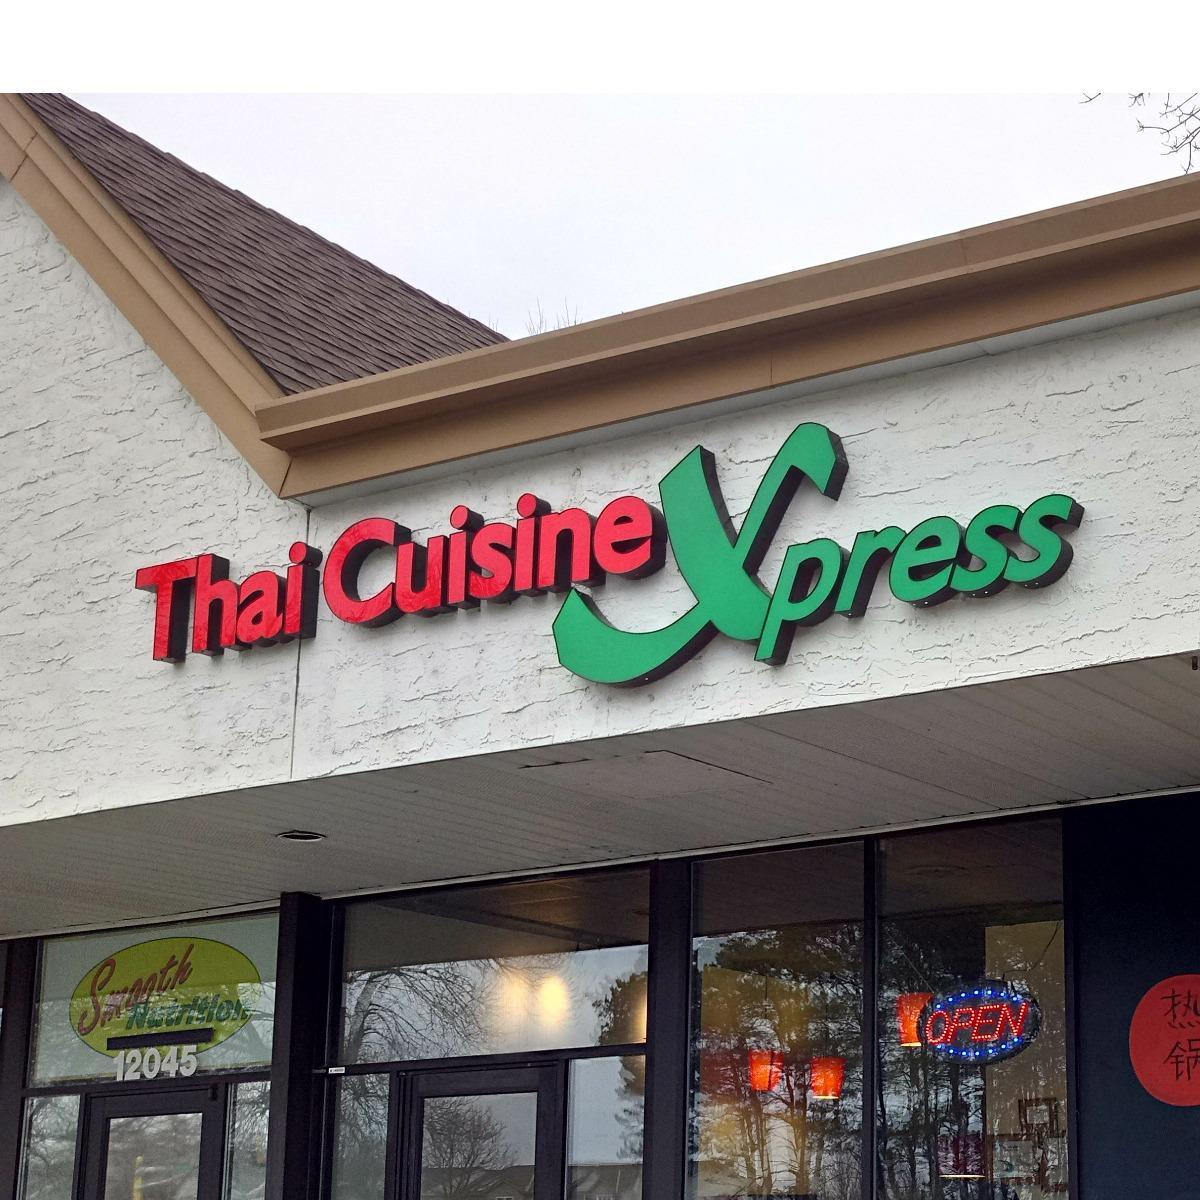 Thai Cuisine Xpress